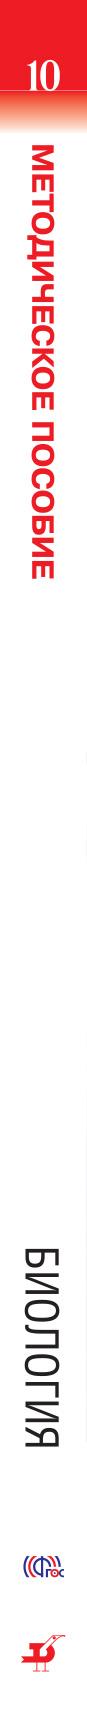 Биология. Общая биология. 10 класс. Базовый уровень. Методическое пособие. К учебнику В. И. Сивоглазова, И. Б. Агафоновой, Е. Т. Захаровой